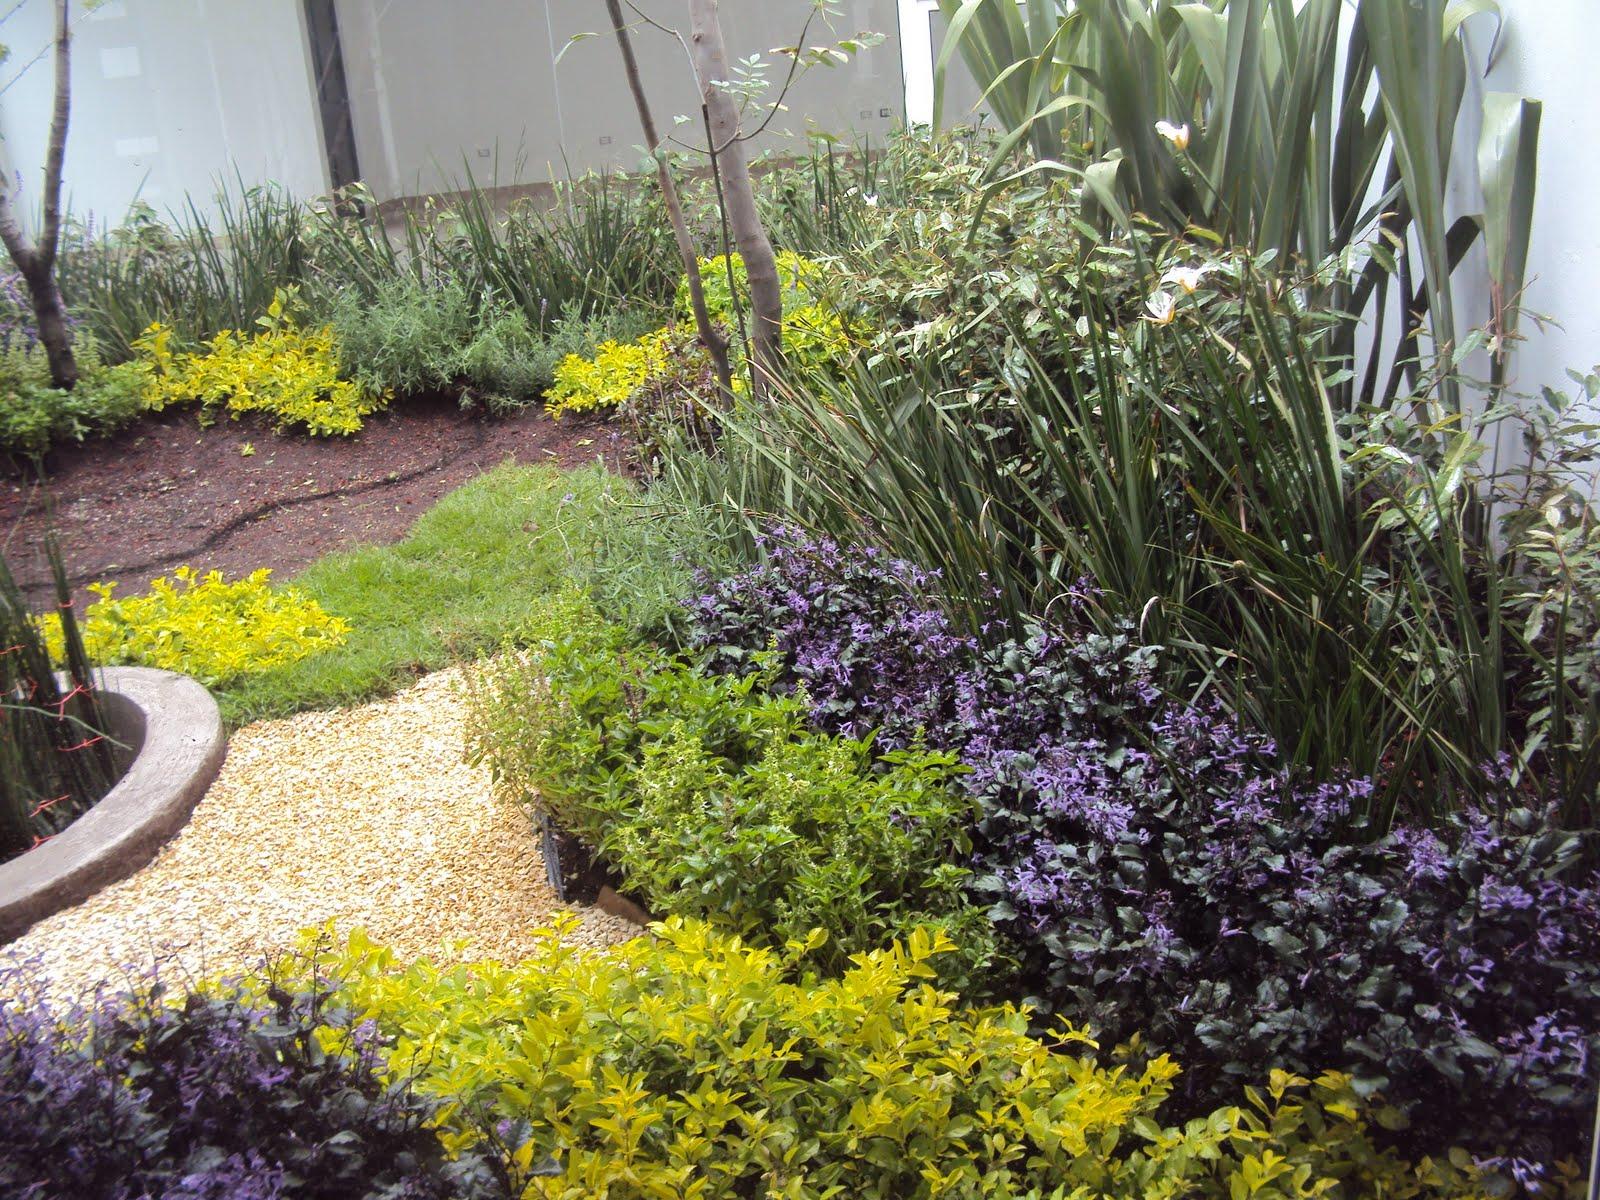 Espacios verdes jardines con plantas ar maticas for Jardinera plantas aromaticas